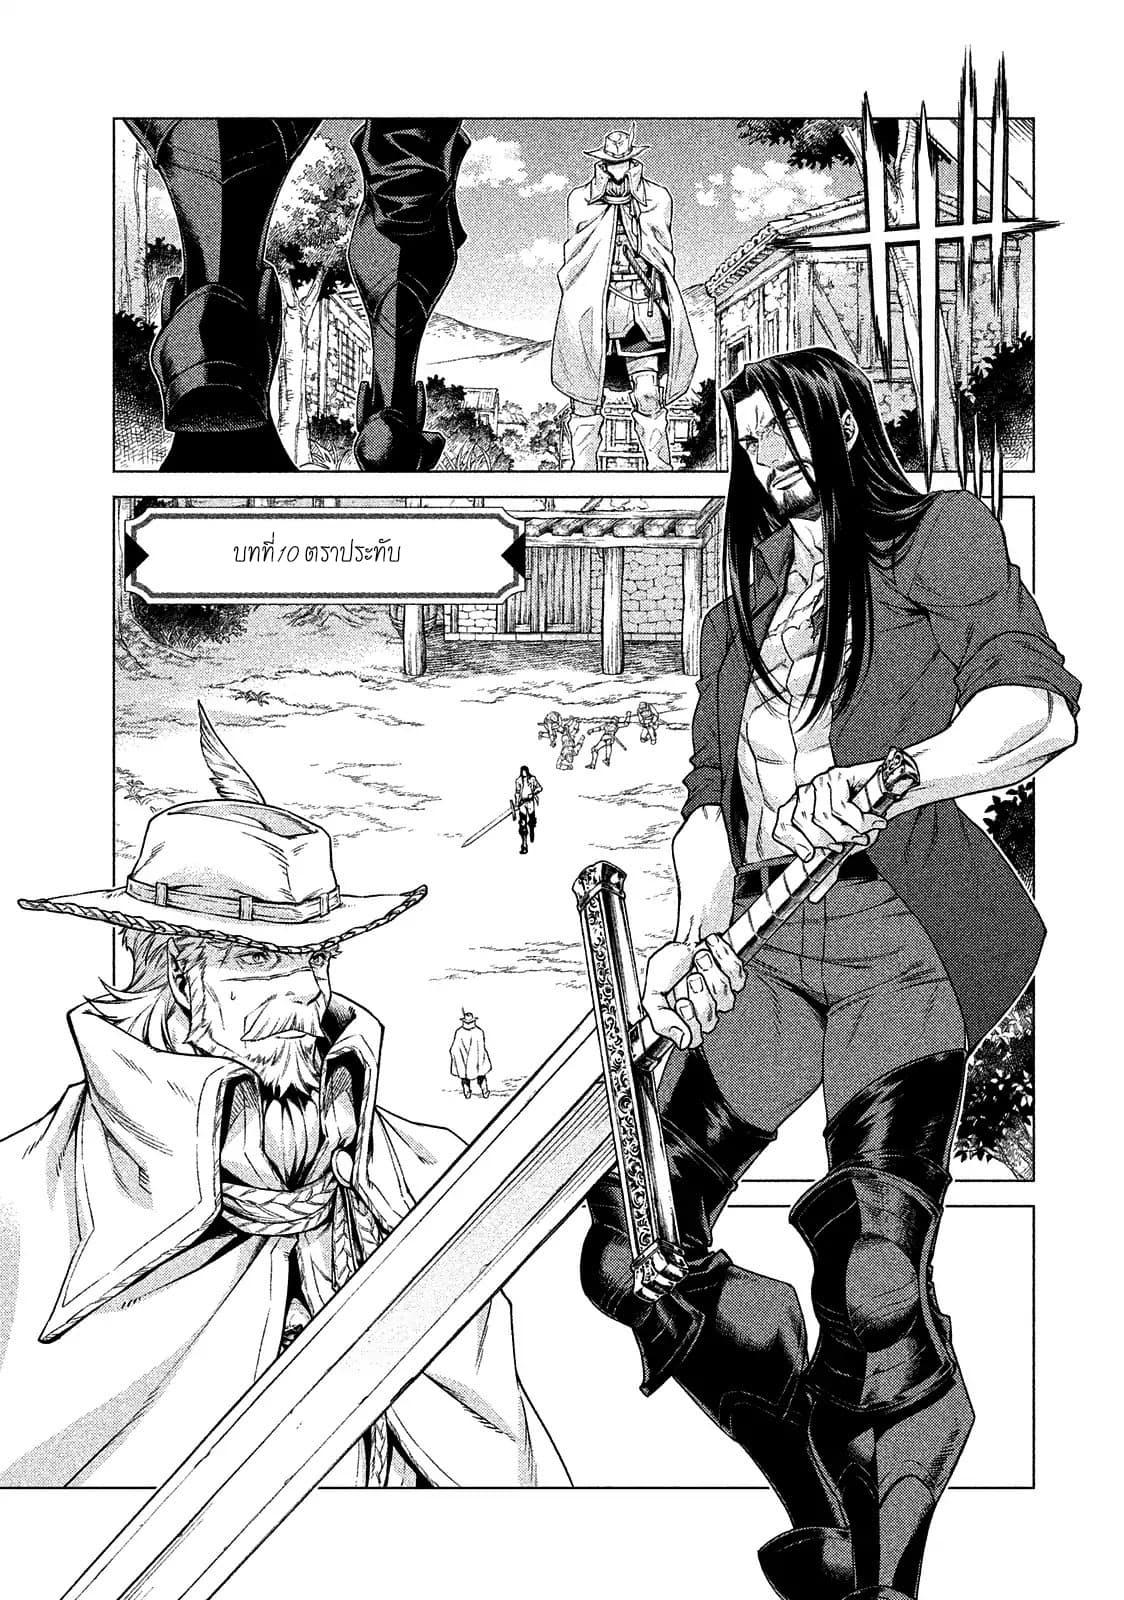 อ่านการ์ตูน Henkyou no Roukishi - Bard Loen ตอนที่ 10 หน้าที่ 1